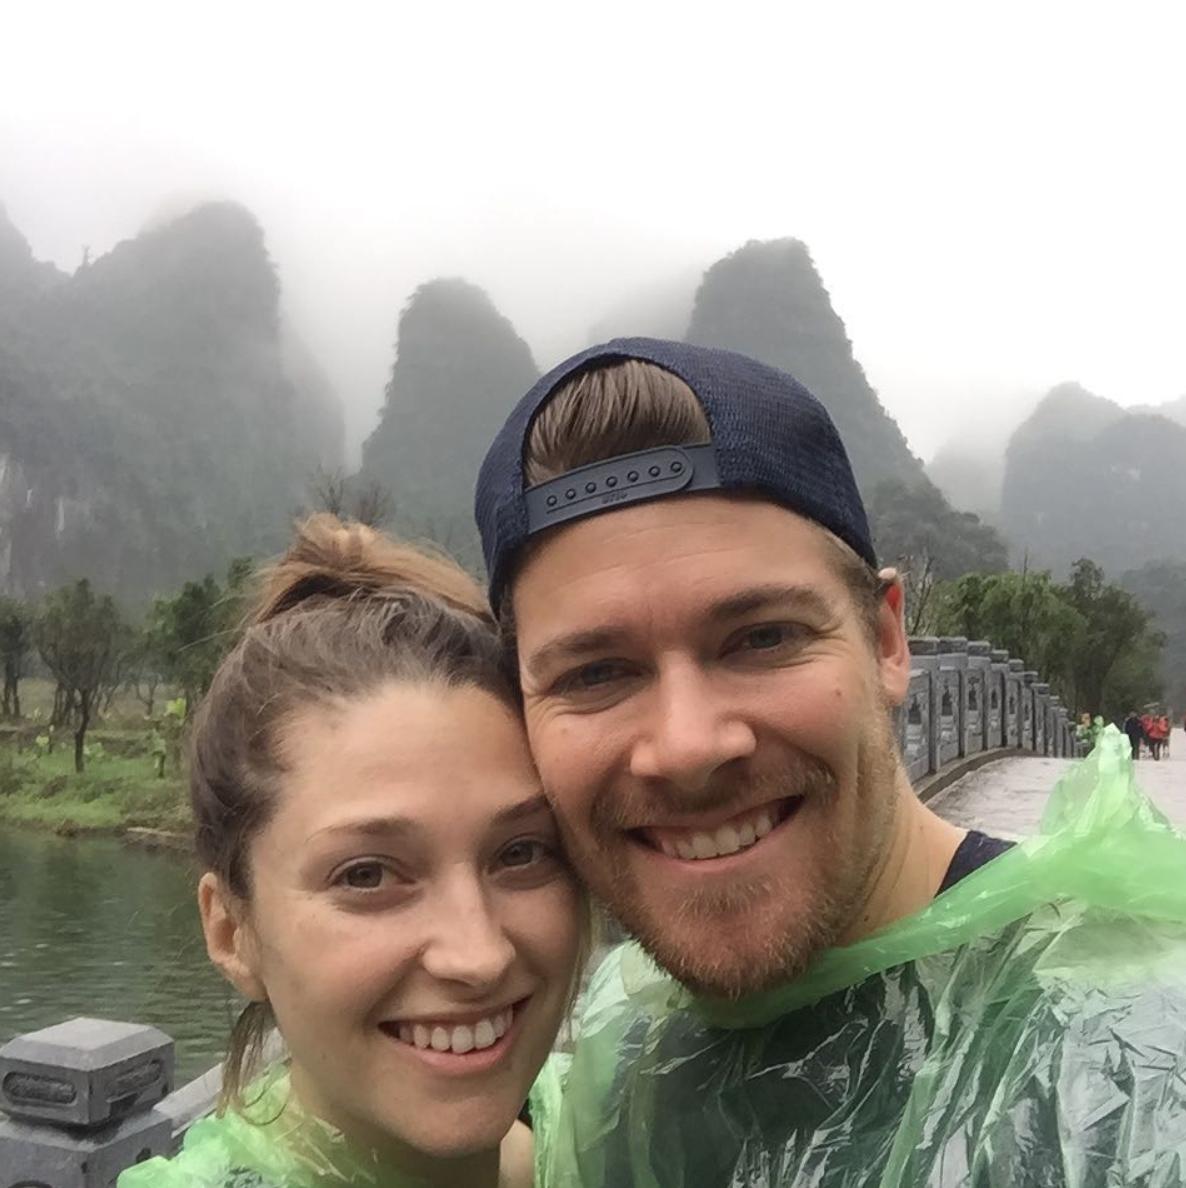 Nolan and Joanna Waterfall in Vietnam